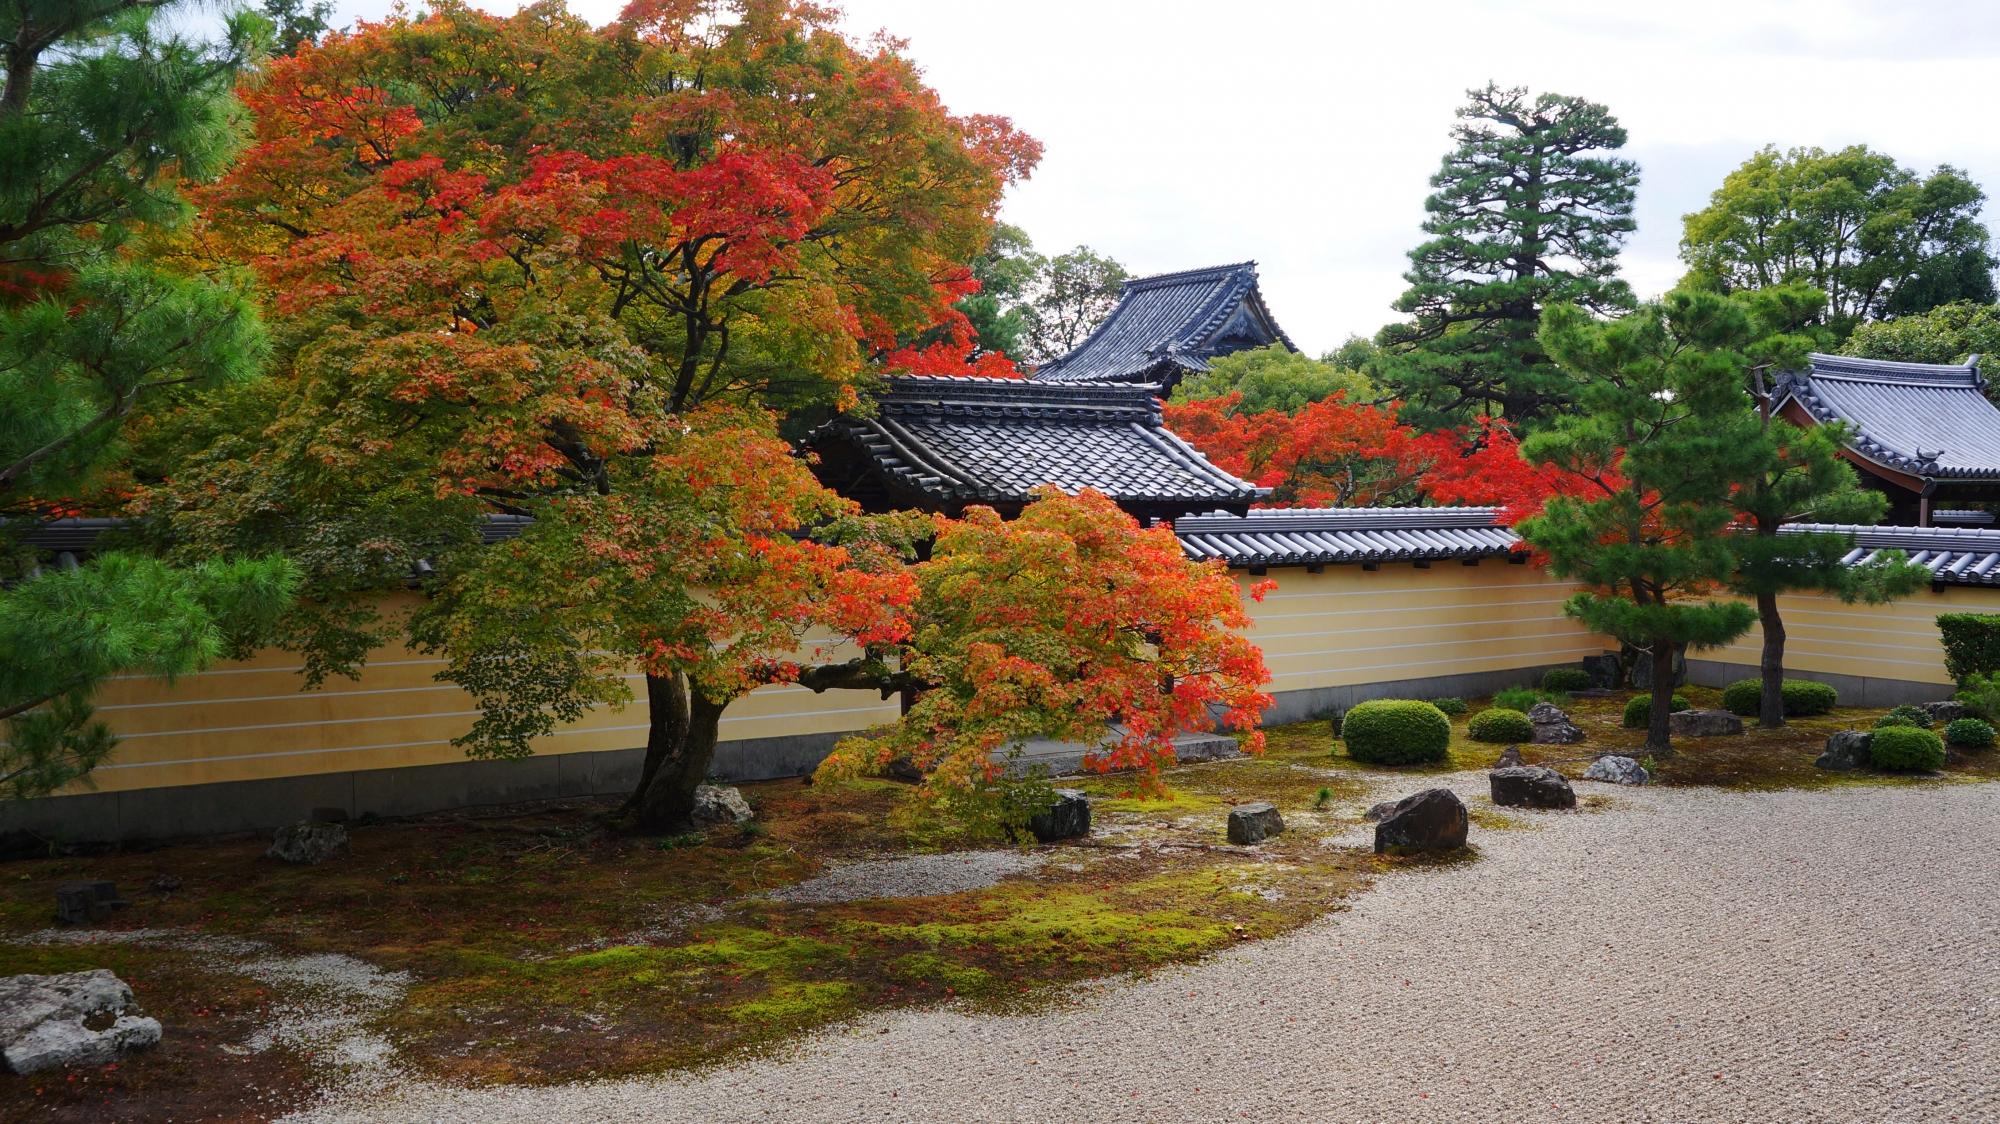 等持院の勅使門の向こう側で赤く華やぐ紅葉